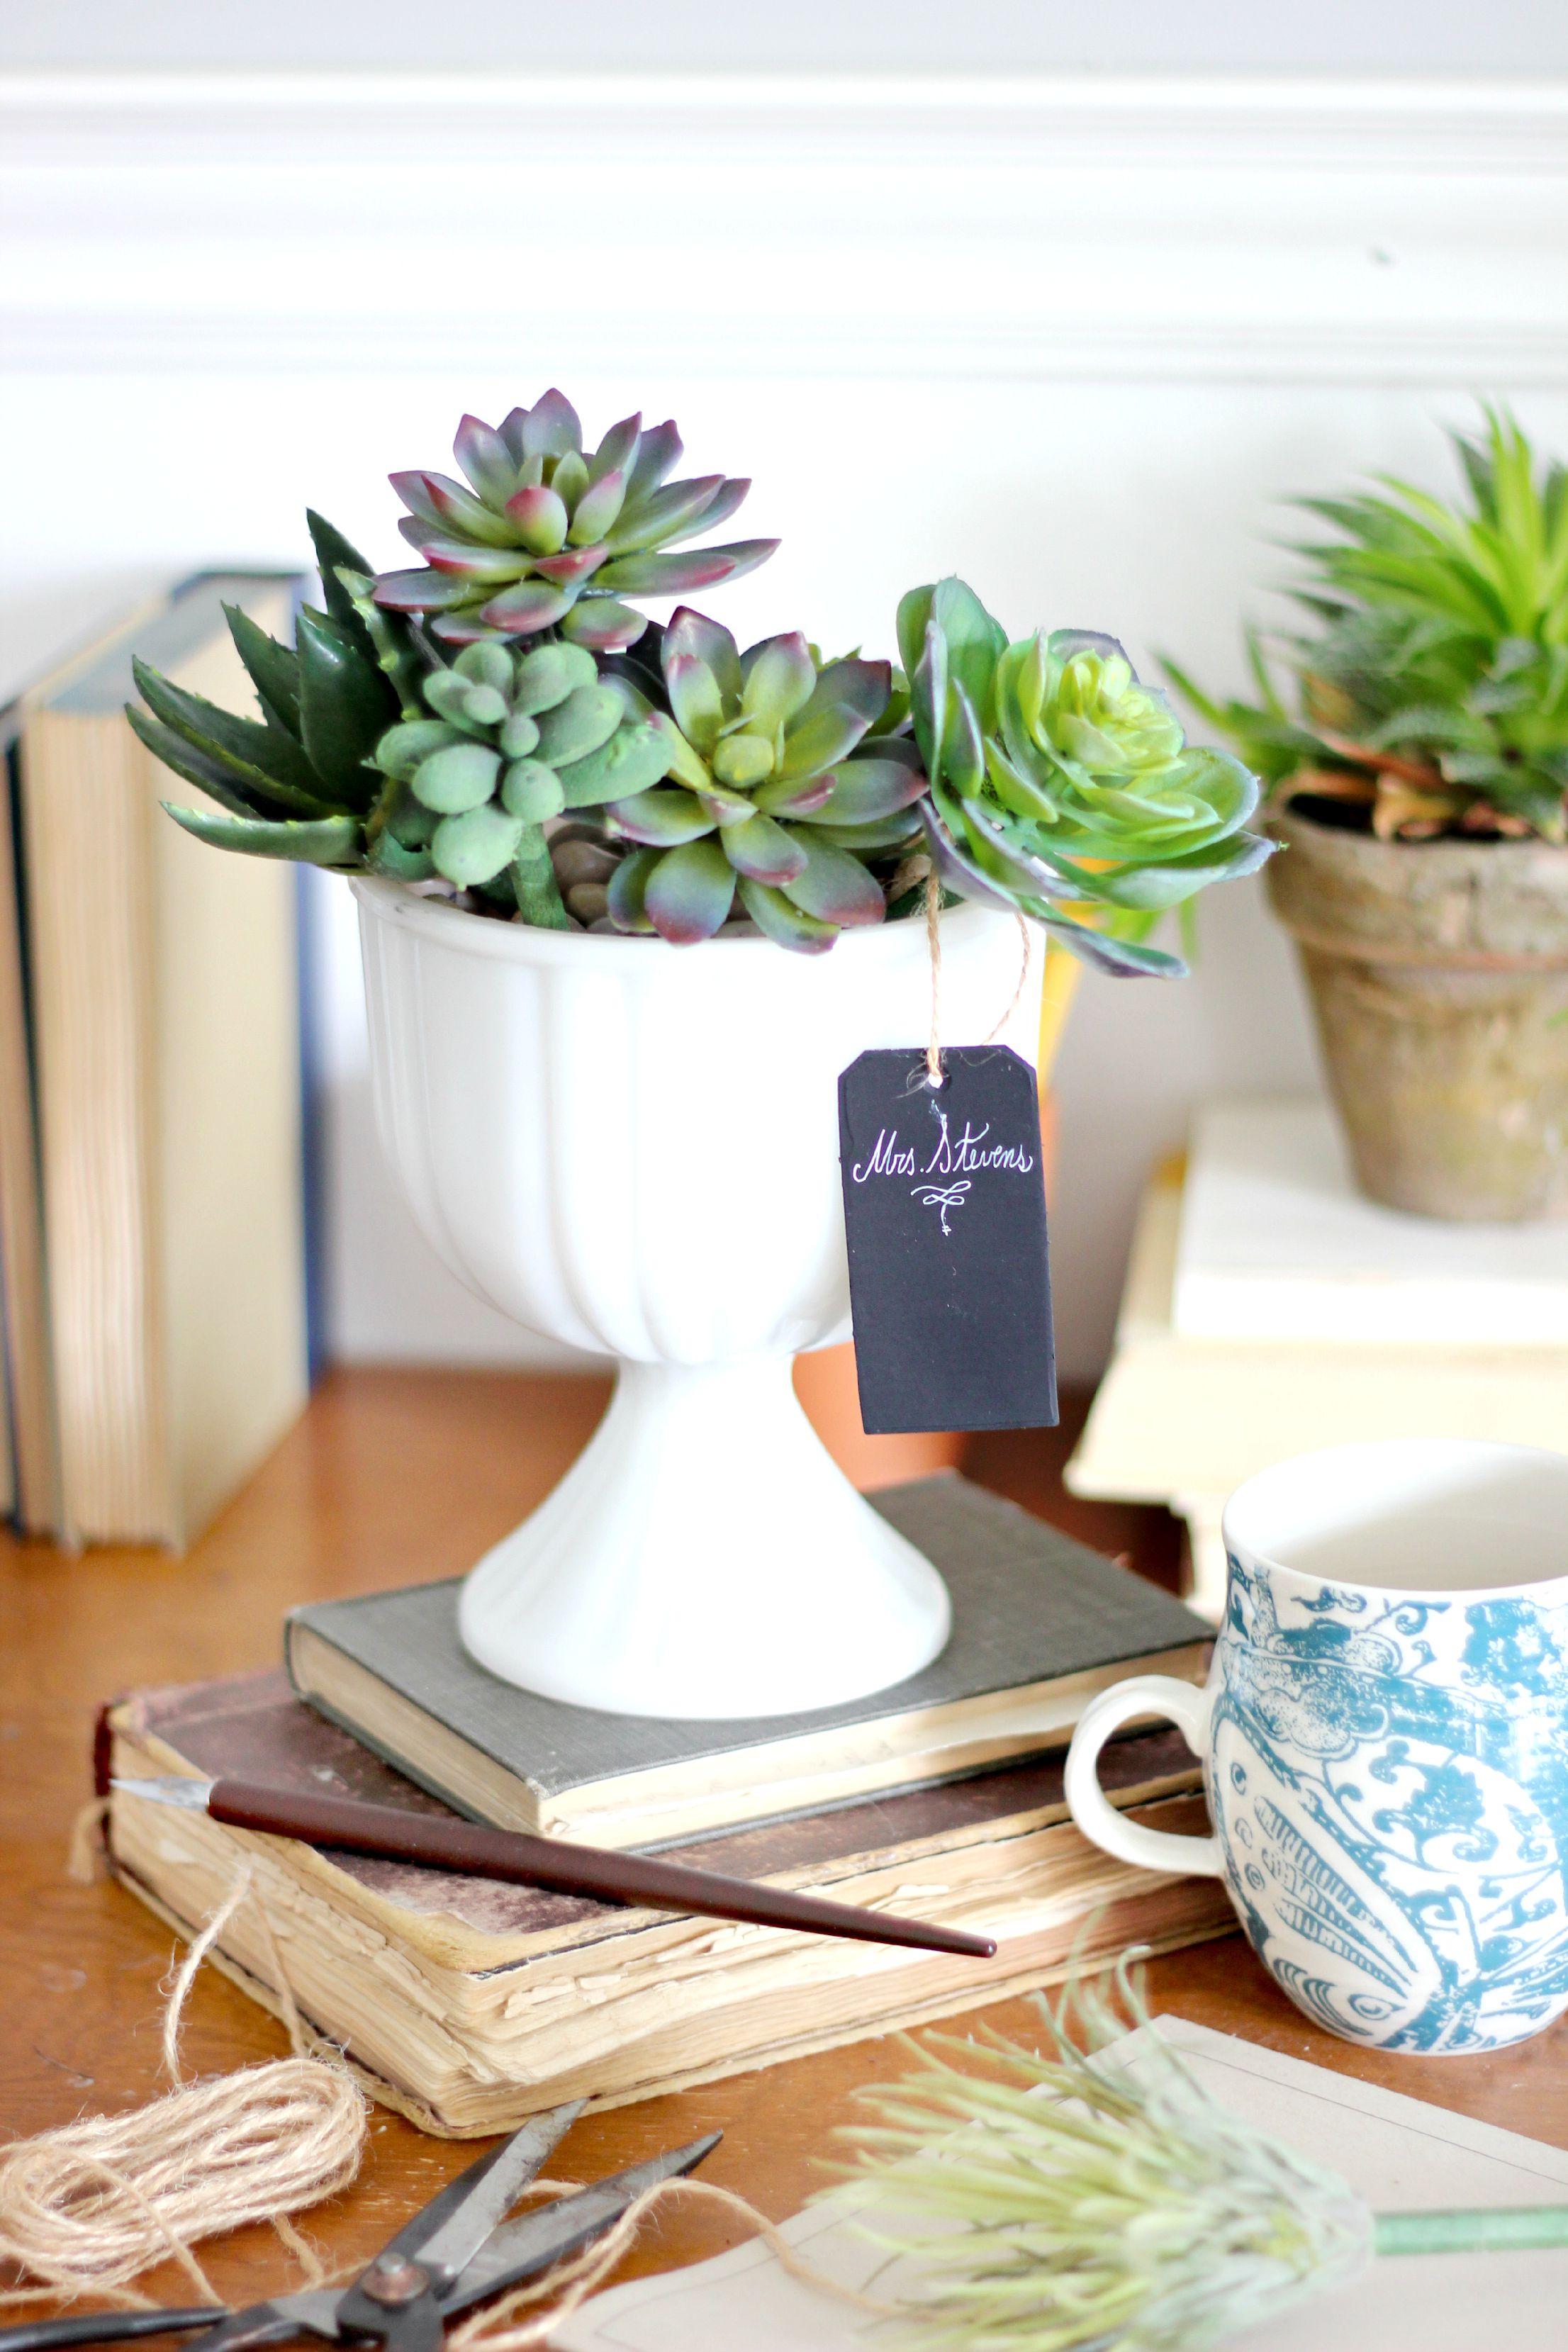 originales ideas de regalos para profesores hechos a mano, bolígrafos decorados con suculentas, regalos DIY unicos